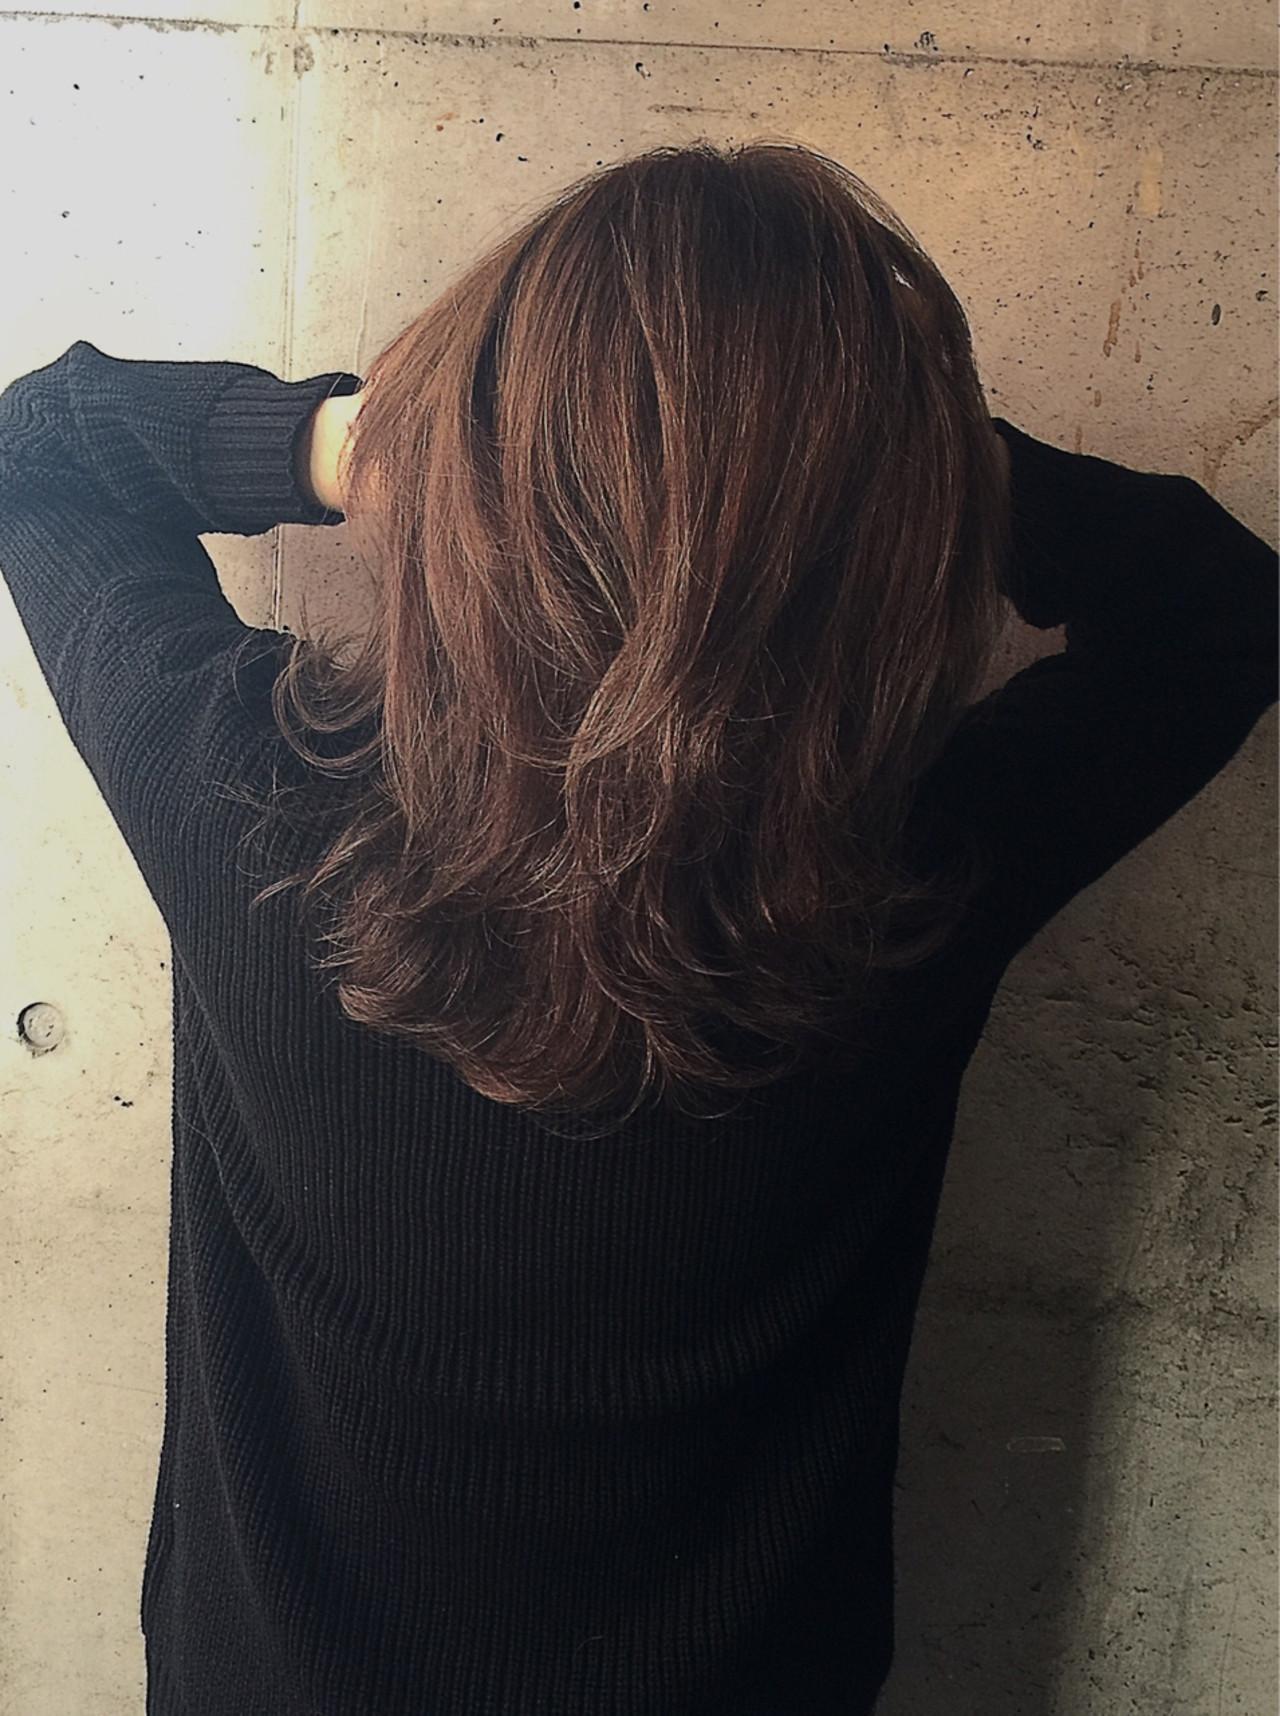 ウェーブ 外国人風 ストリート ウェットヘア ヘアスタイルや髪型の写真・画像 | 内田 一也 / hair/nail space a:le